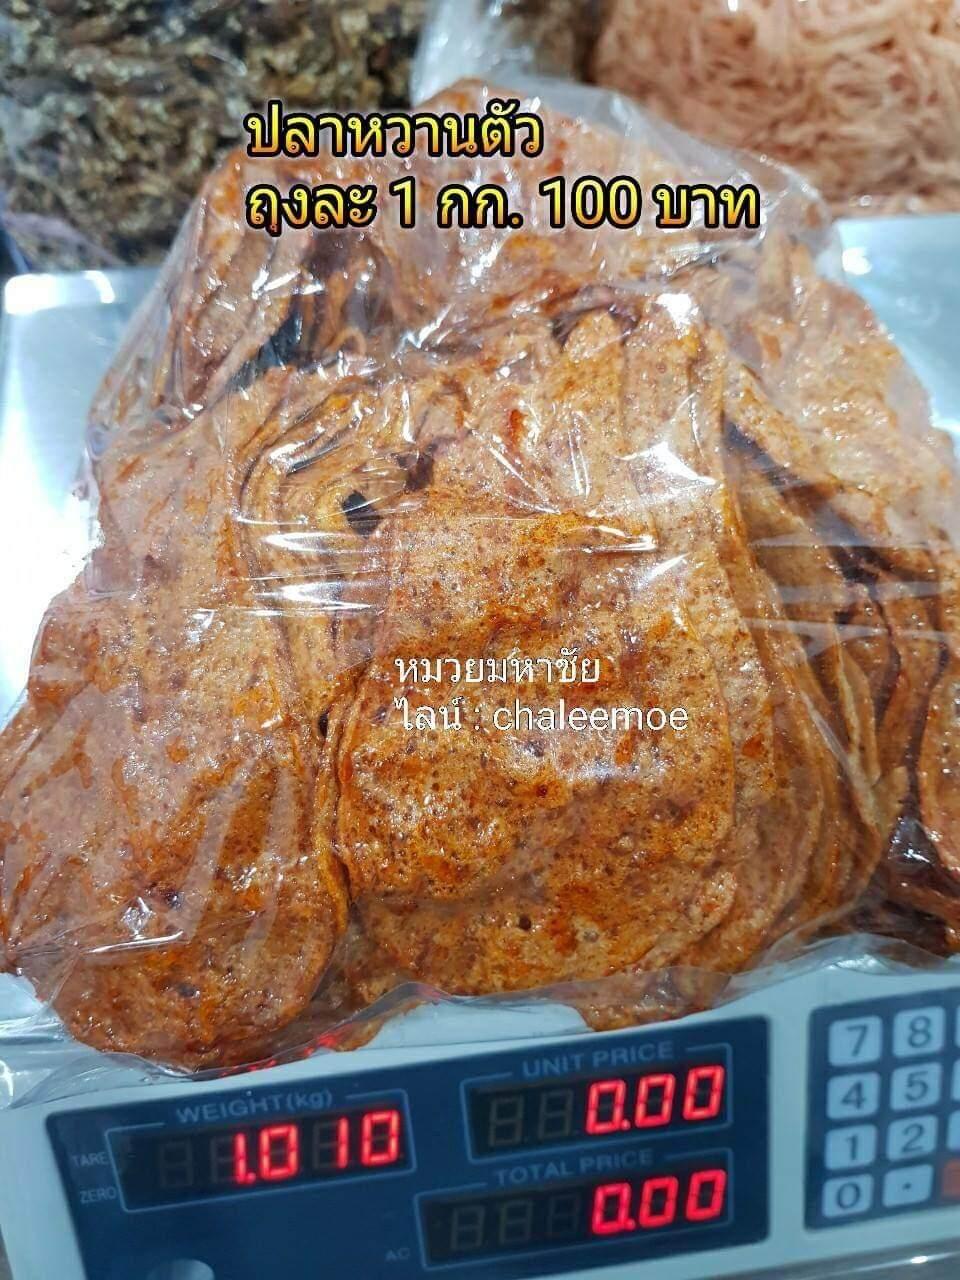 ปลาหวานตัว น้ำหนัก 1 กิโลกรัม 100.- บาท